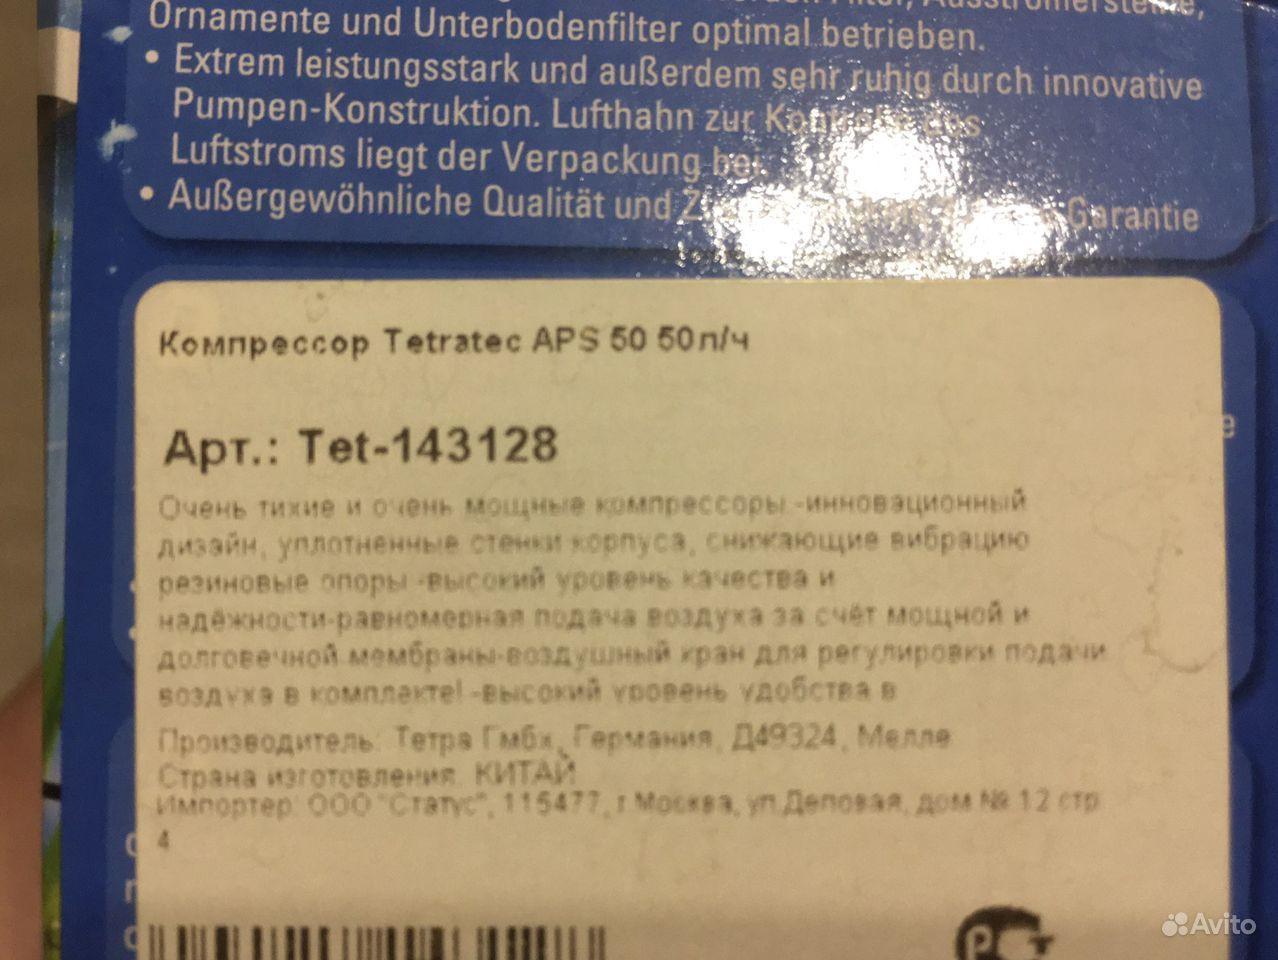 Компрессор Tetratec APS 50л/ч купить на Зозу.ру - фотография № 3